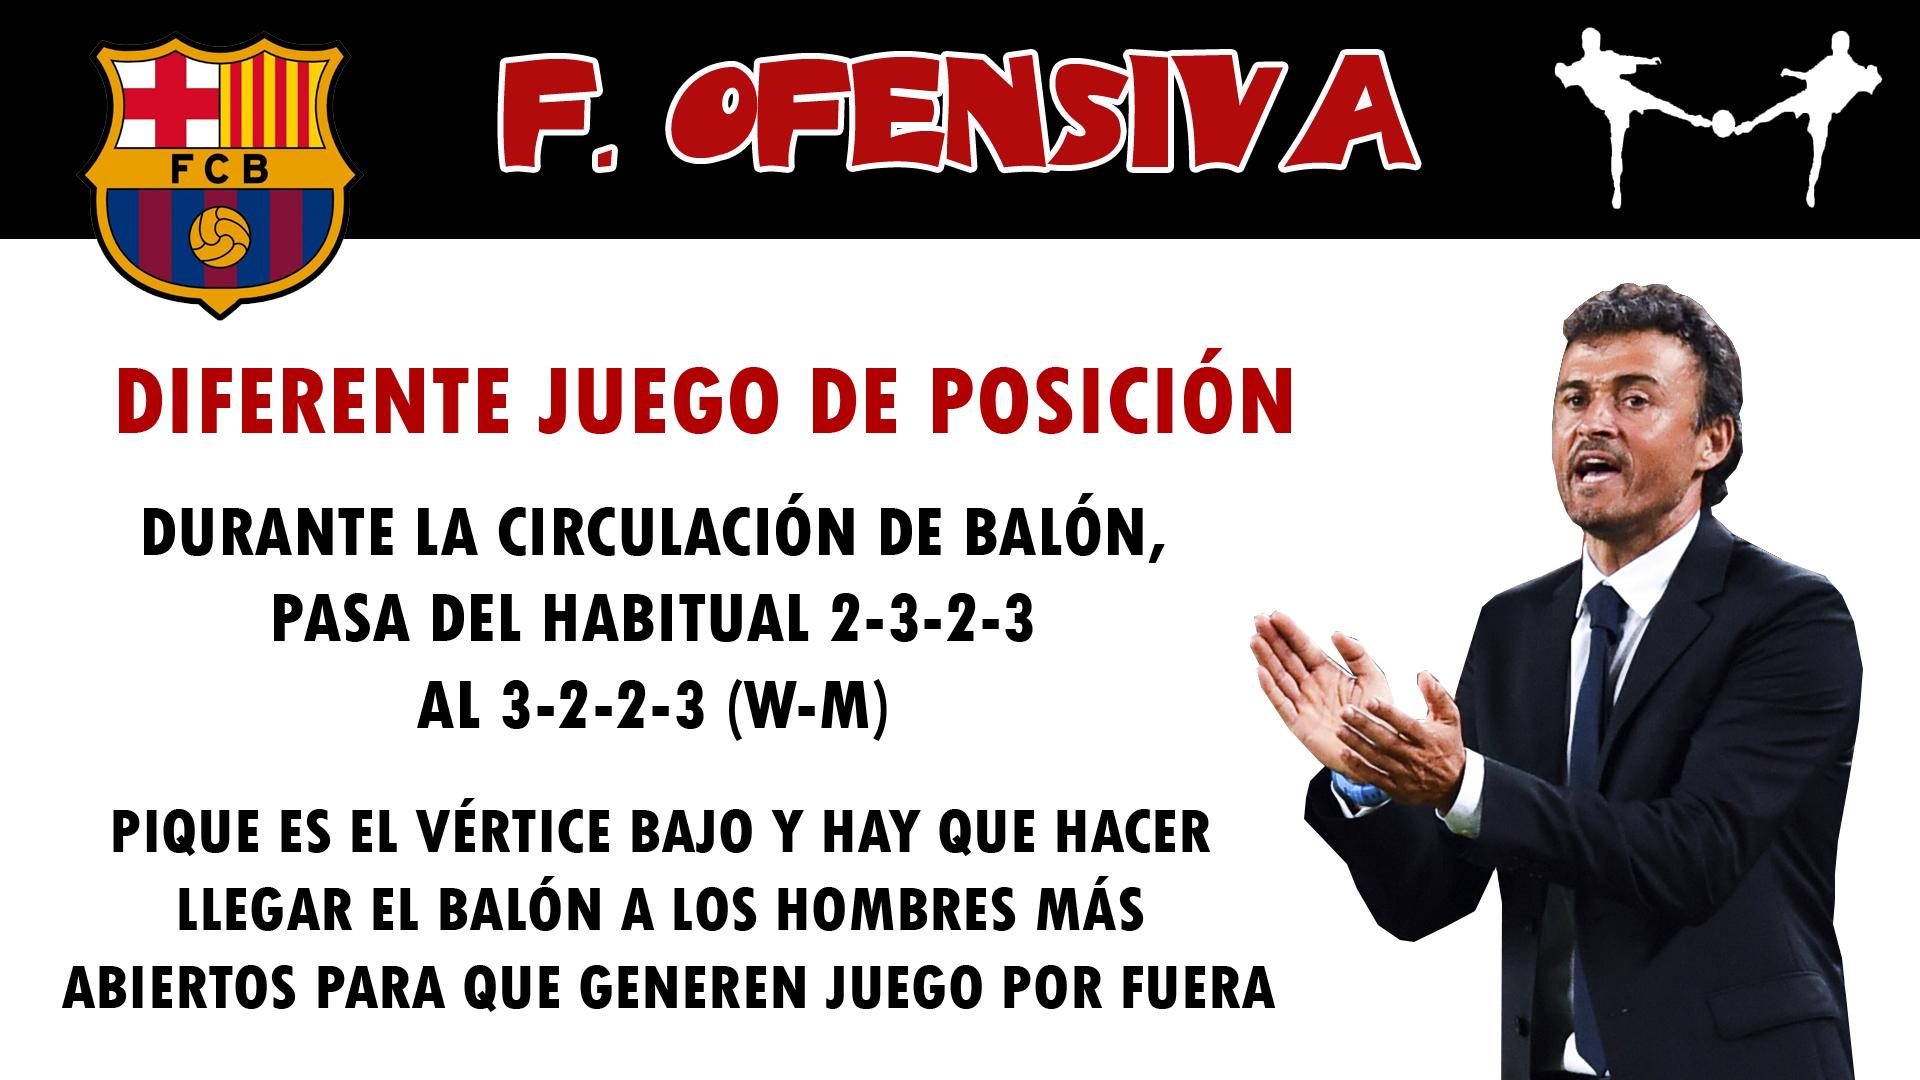 futbolcarrasco barcelona luis enrique leganes juego de posicion wm